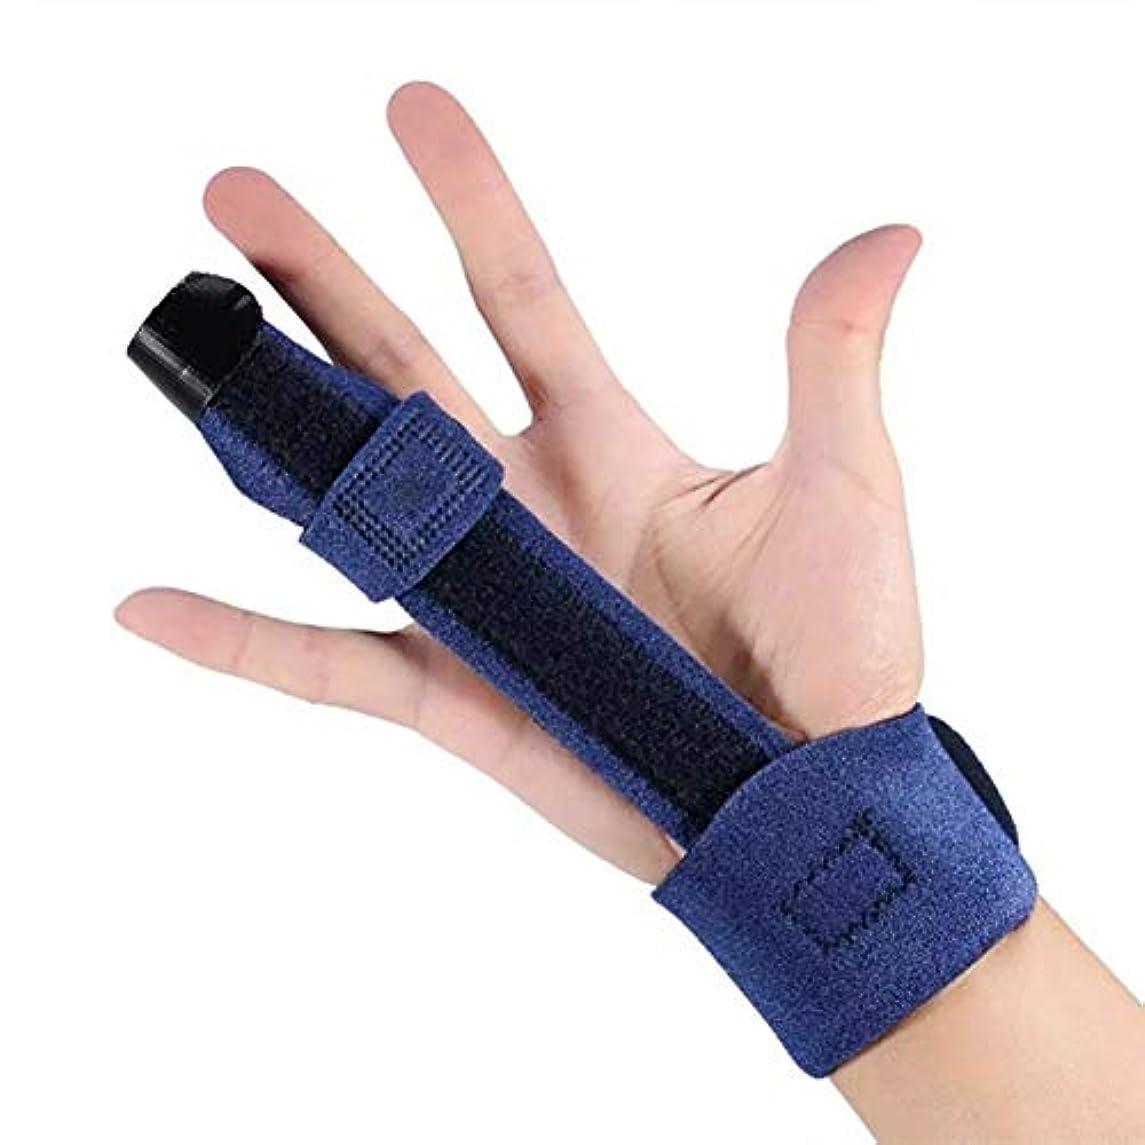 許すドライブ人質フィンガースプリント、指拡張スプリント、指ナックル固定化、傷、術後ケアと痛みを軽減します